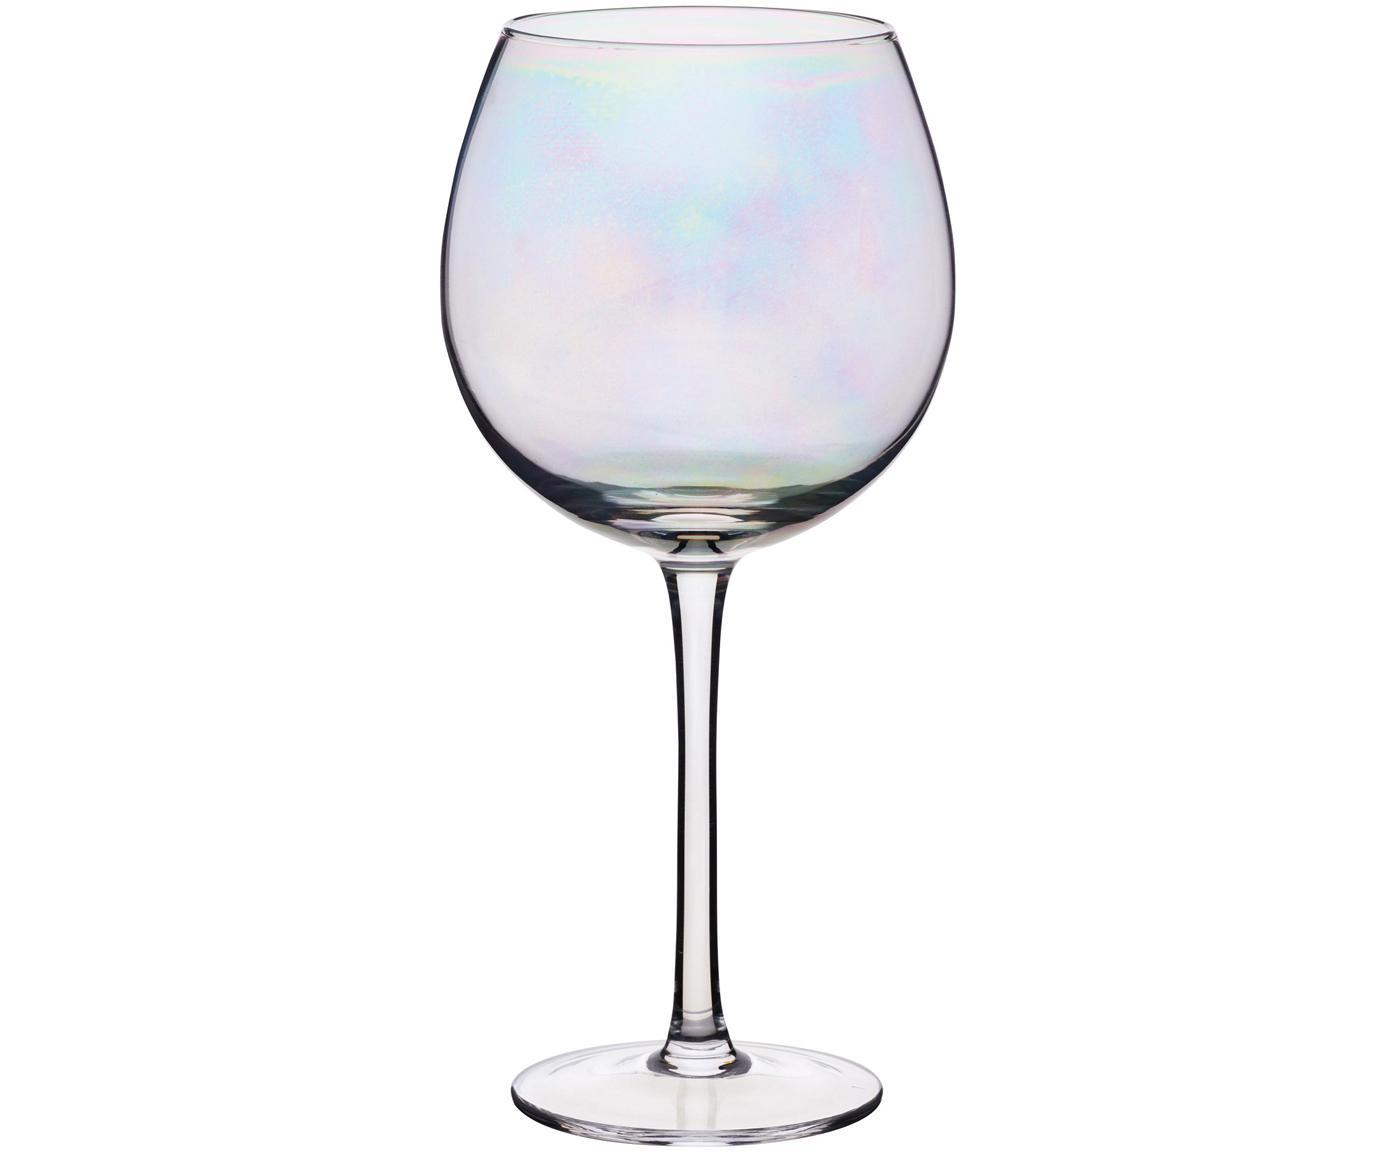 Kieliszek do wina Iridescent, 2 szt., Szkło, Transparentny, Ø 9 x W 22 cm